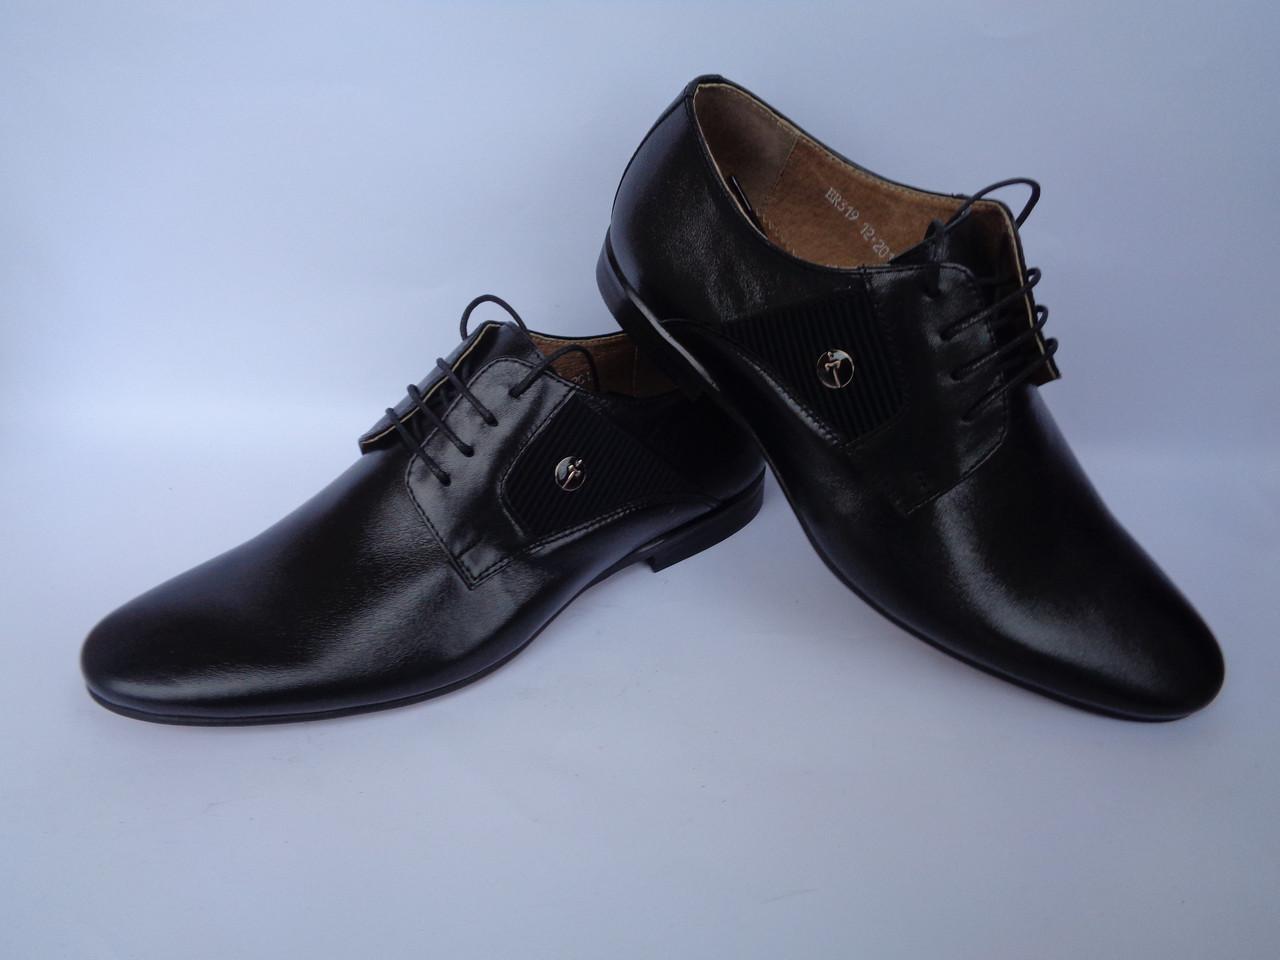 d48a6db764bf Кожаная обувь украинских производителей : мужские туфли, черного цвета, ...